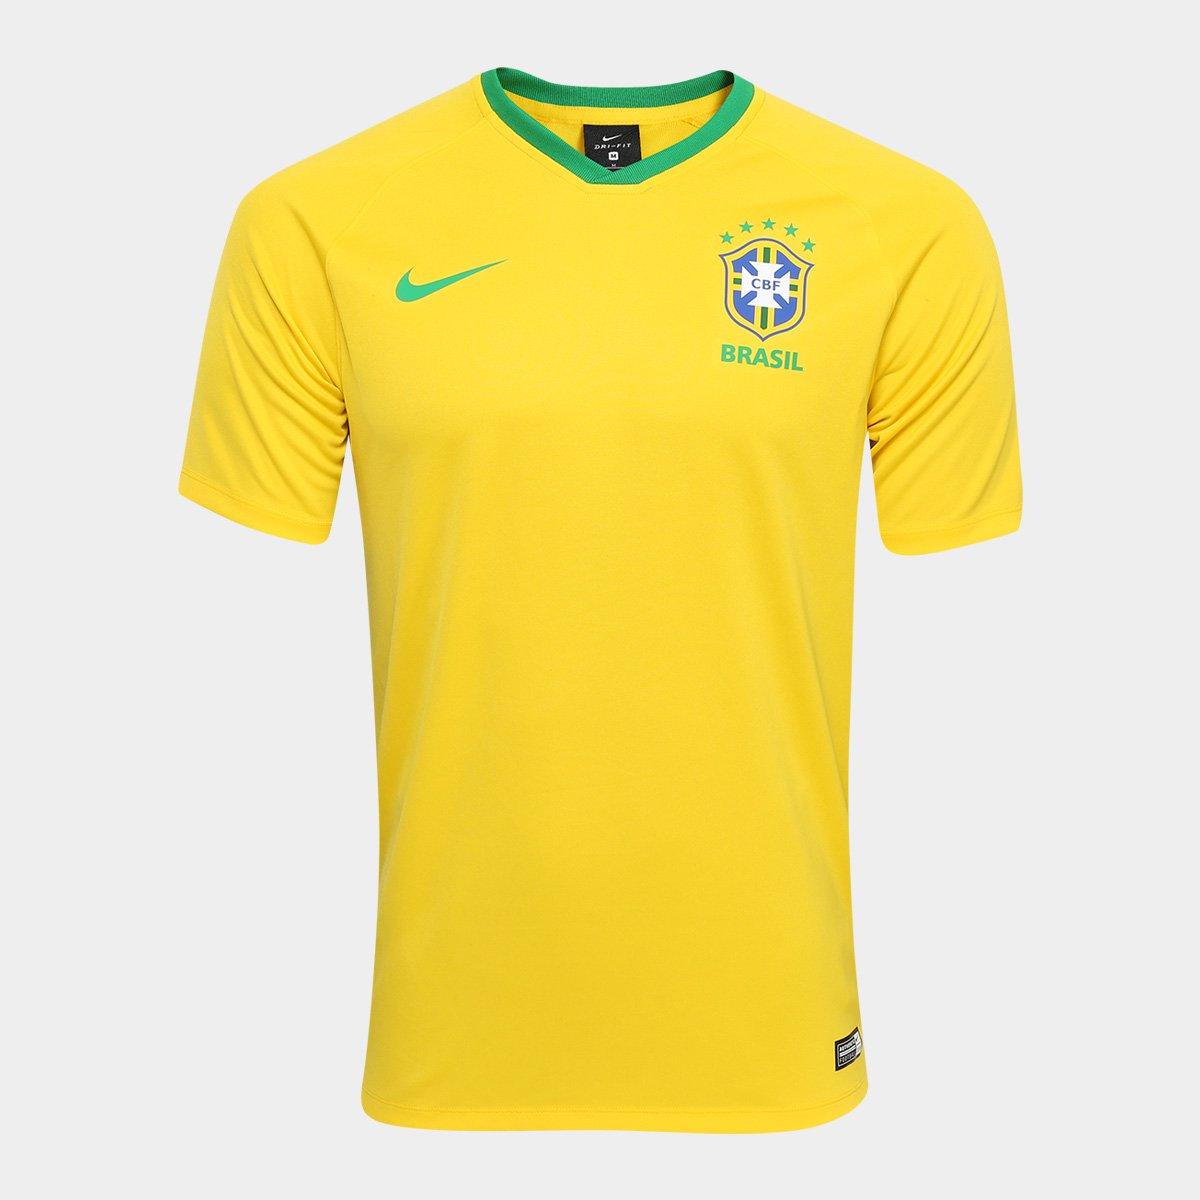 Camisa Seleção Brasil I 2018 s n° - Torcedor Estádio Nike Masculina d5a82987cd2e8